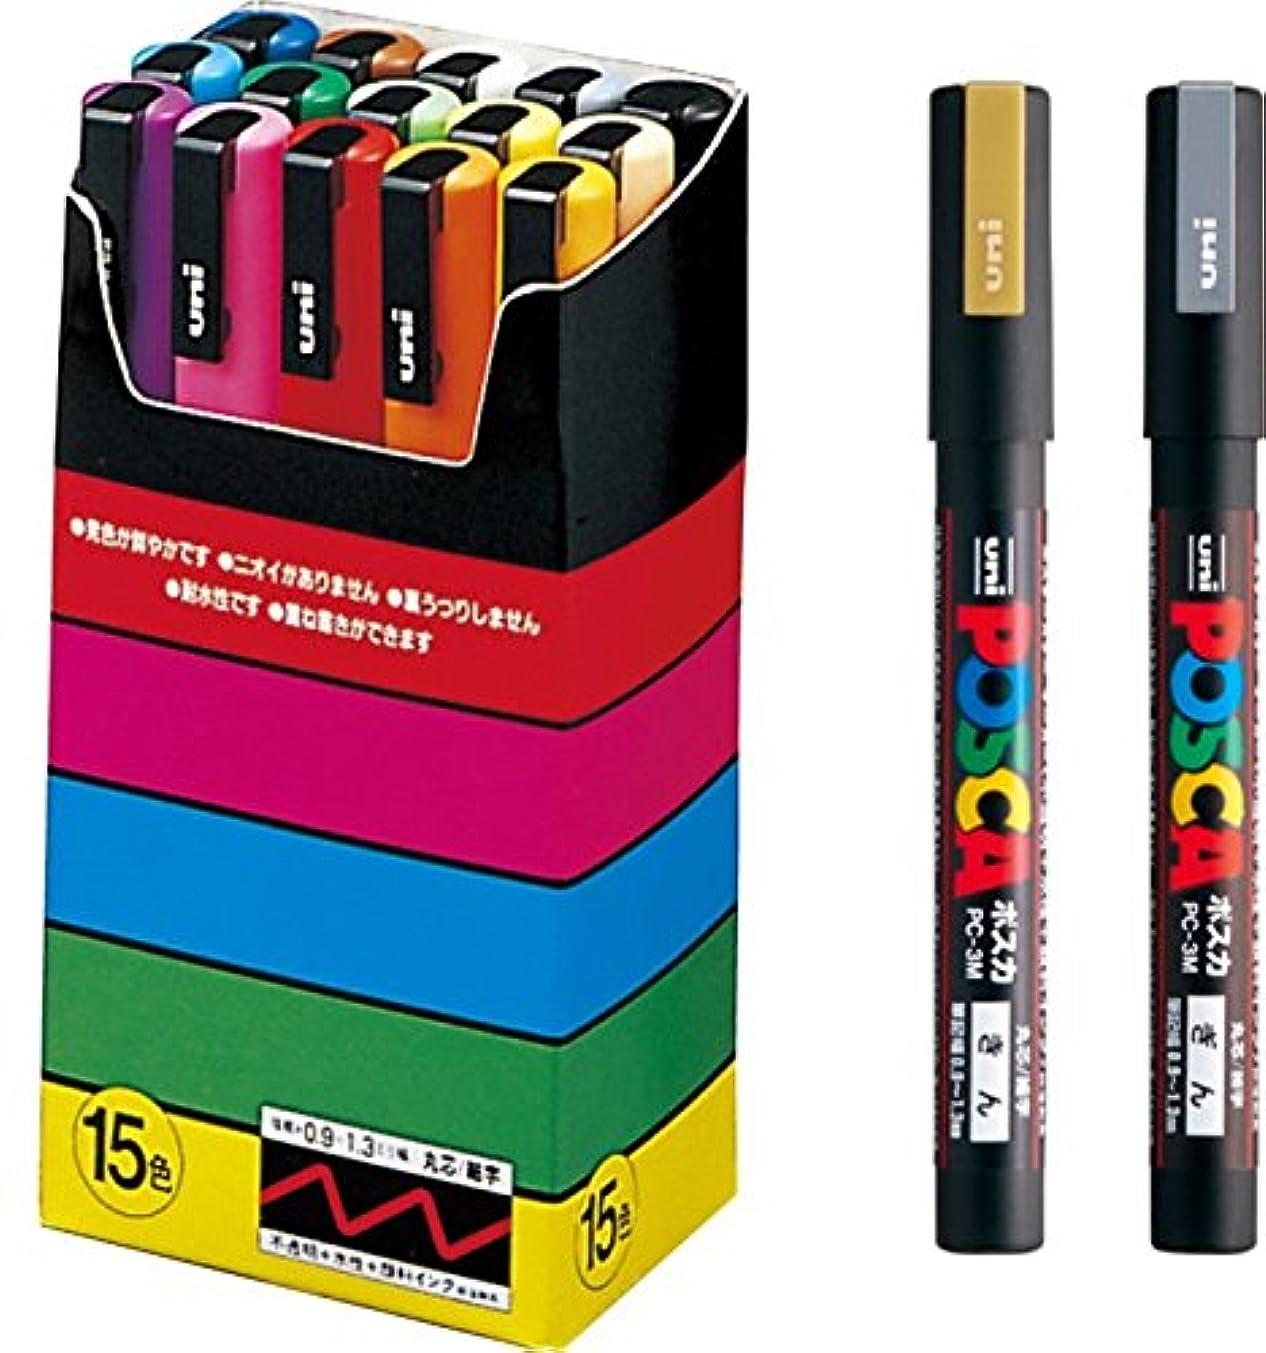 Uni POSCA Paint Marker Pen - Fine Point - Non Alcohol - Odorless Water Resistant Pen Maker - Set of 17 (PC-3M15C & Gold & Silver) with Original Vinyl Pen case